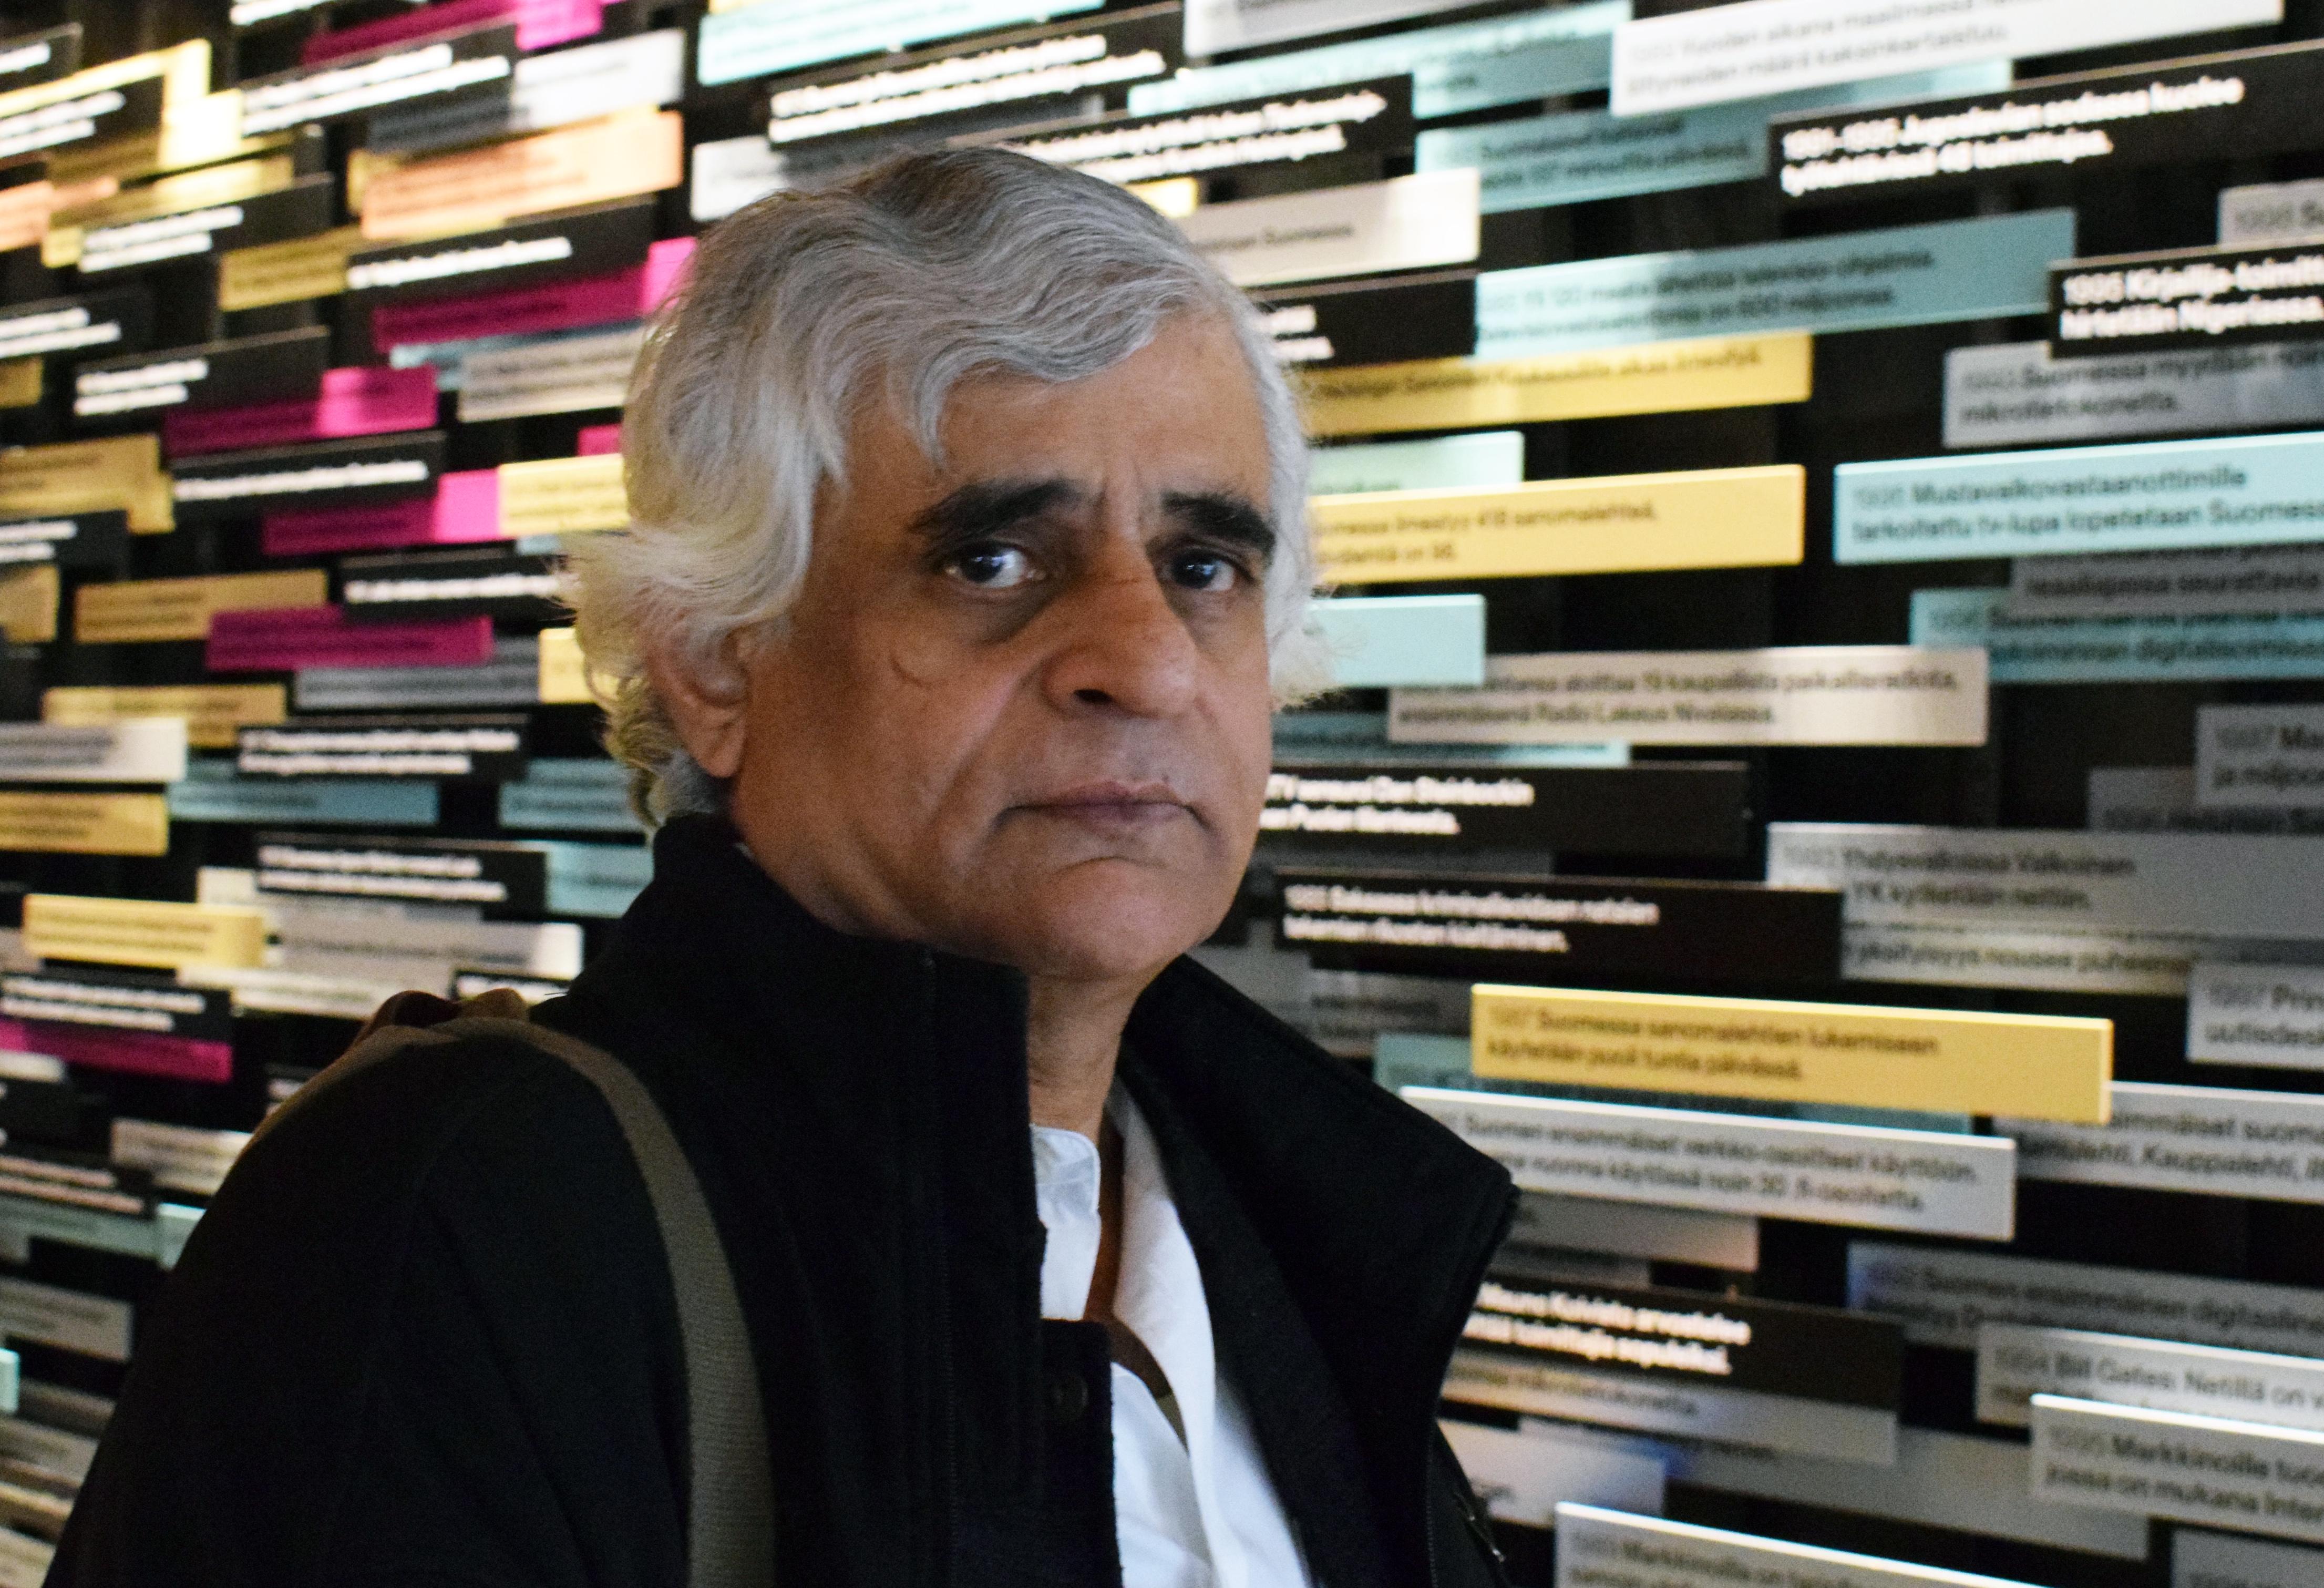 Toimittaja P Sainath